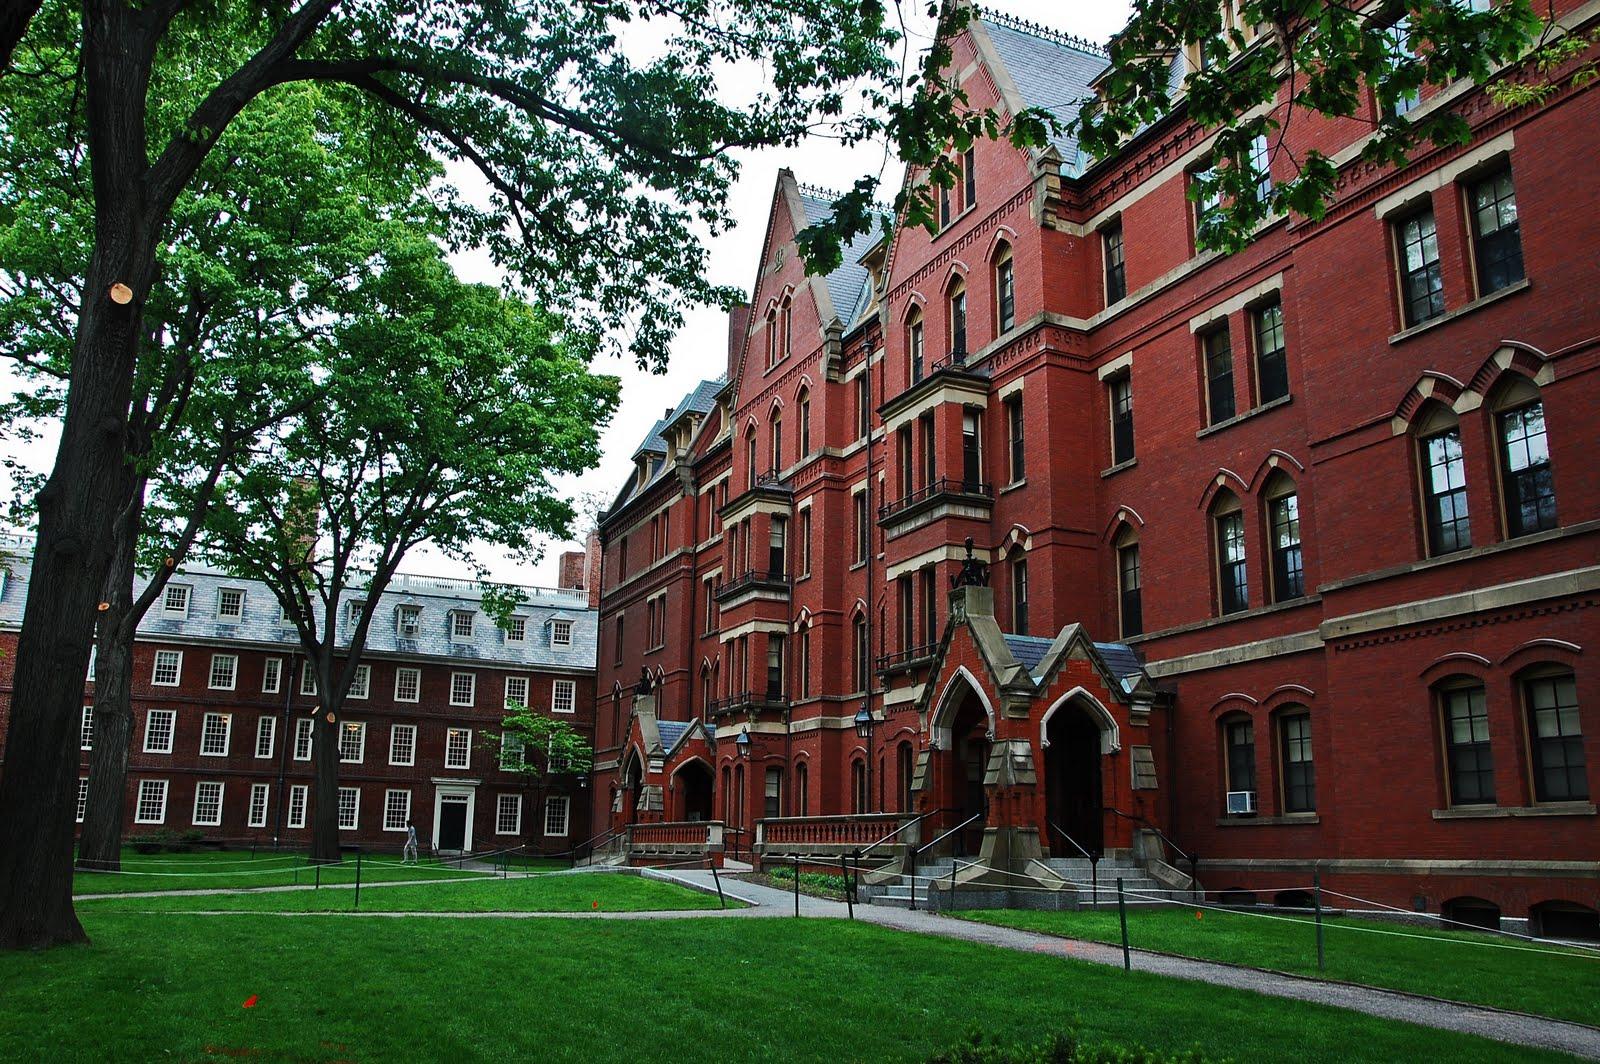 Học bổng WIGH của Đại học Harvard dành cho sinh viên quốc tế, Mĩ năm 2016.